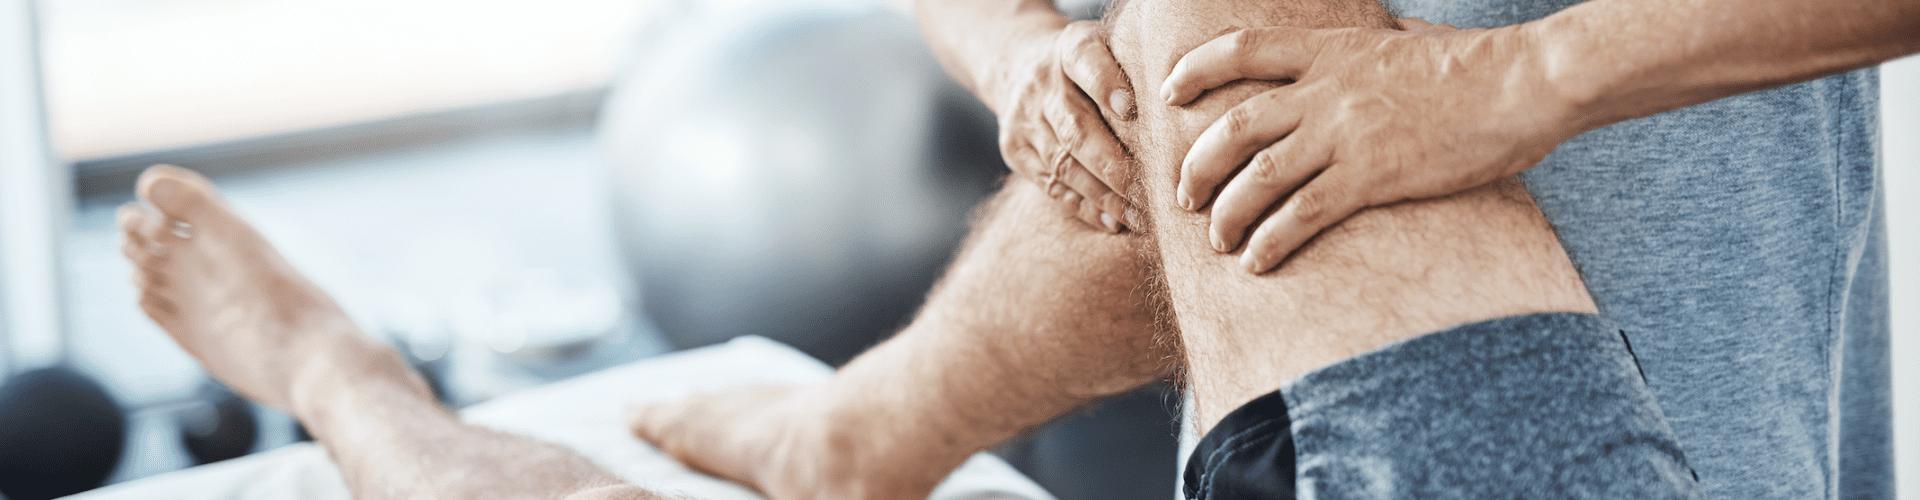 5 Consejos para evitar el Dolor Crónico